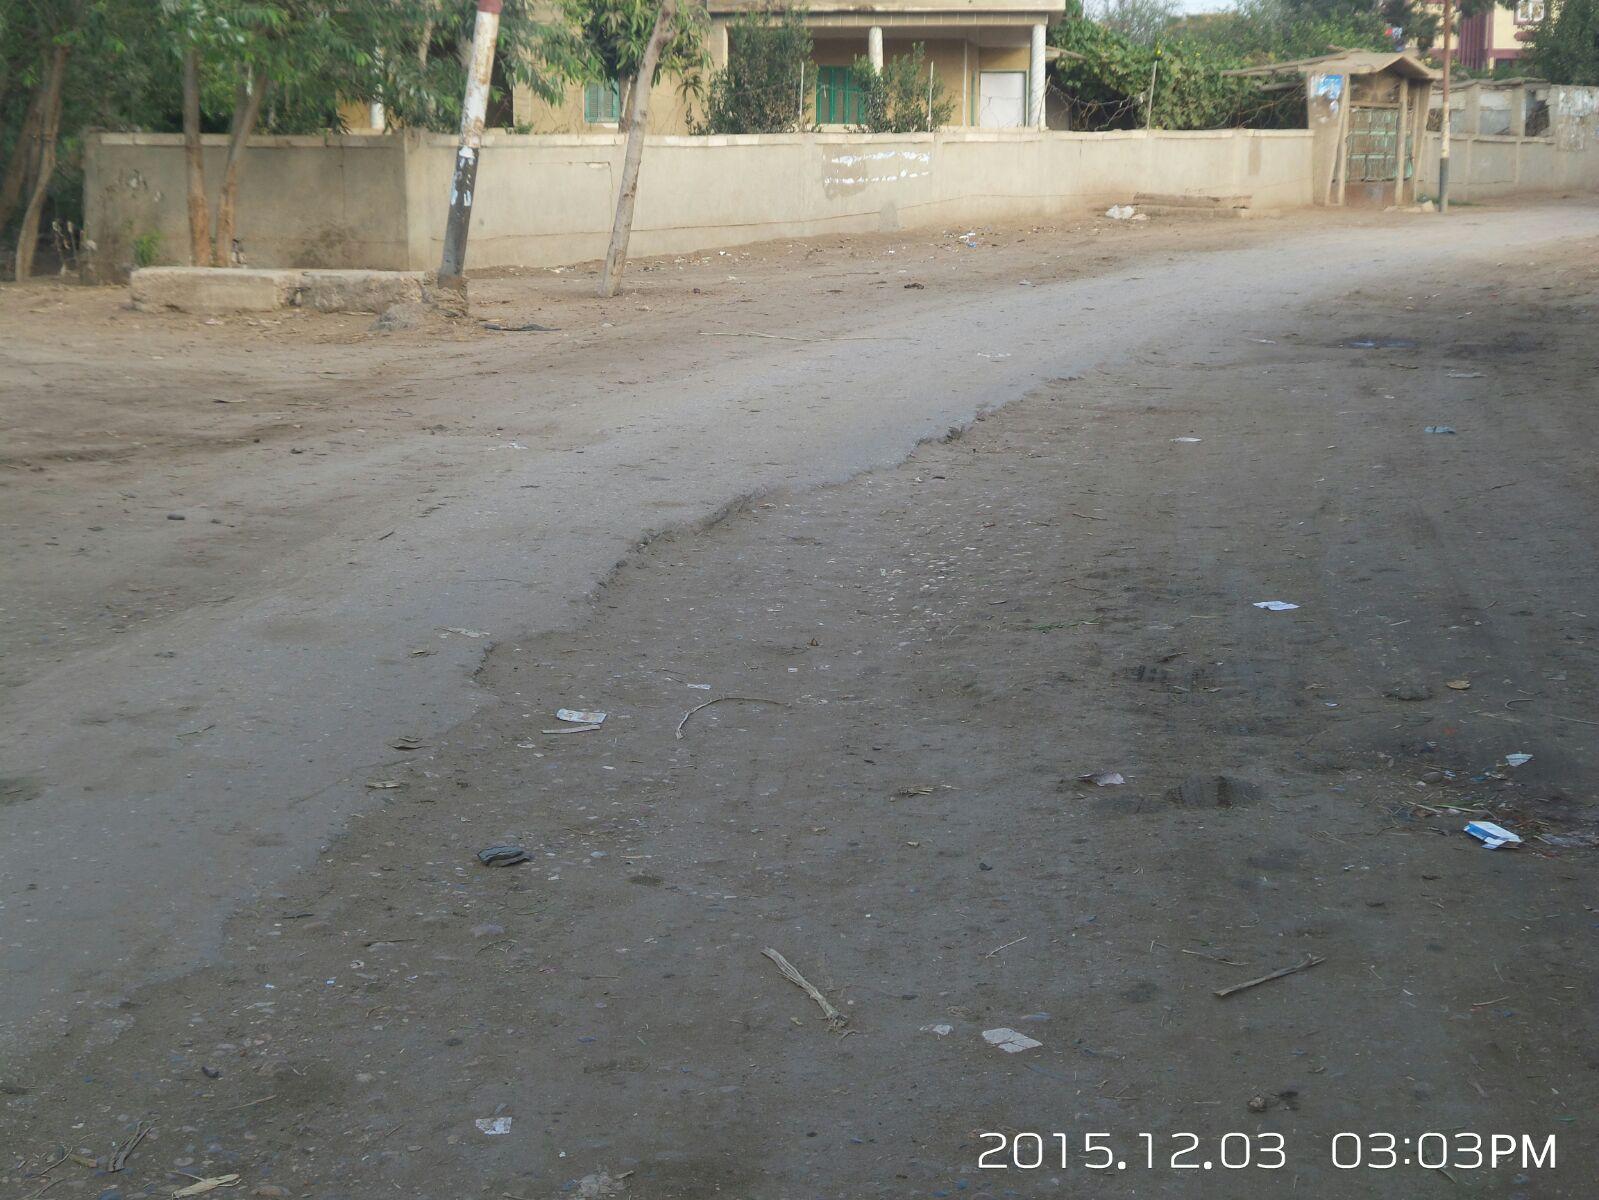 أعمال حفر ماسورة المنطقة الصناعية بقويسنا تثير استياء أهالي «الرمالي»